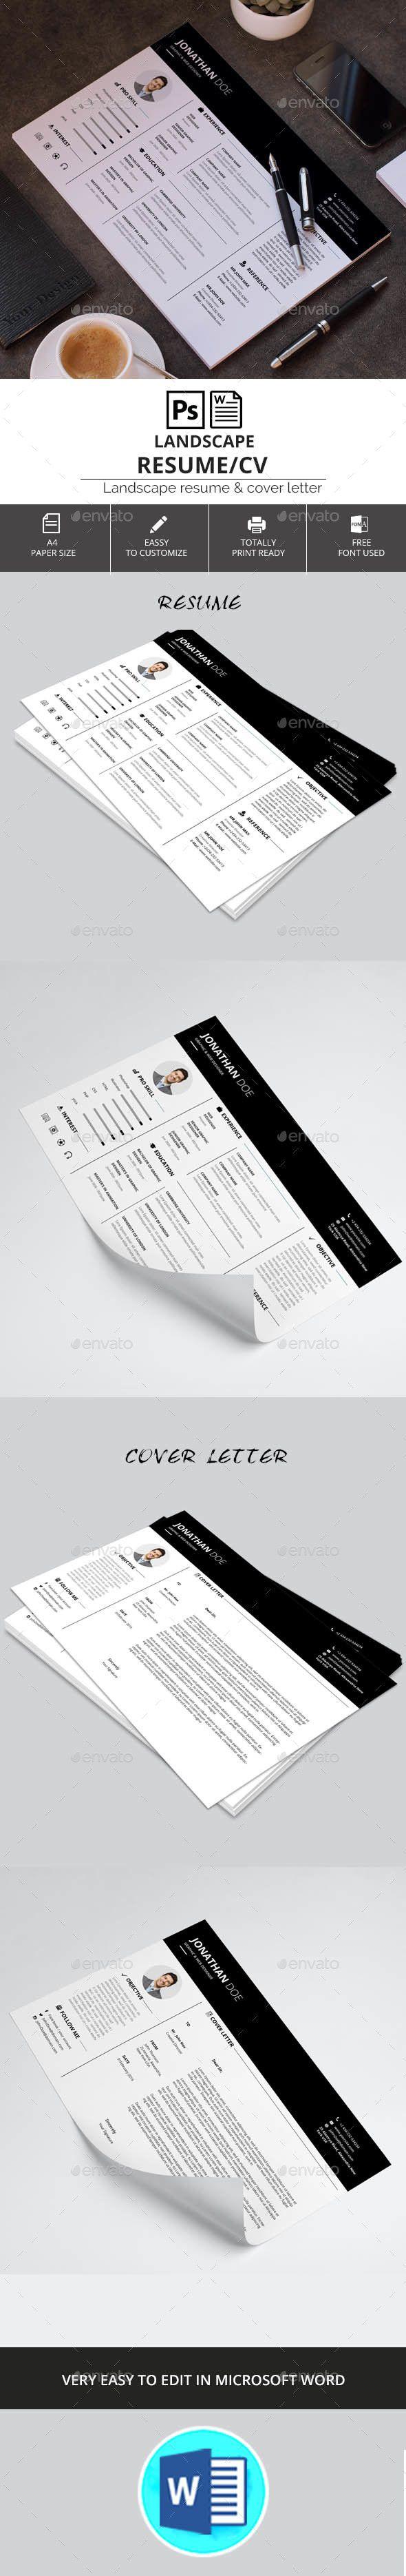 Landscape Resume/CV | Pinterest | Nota